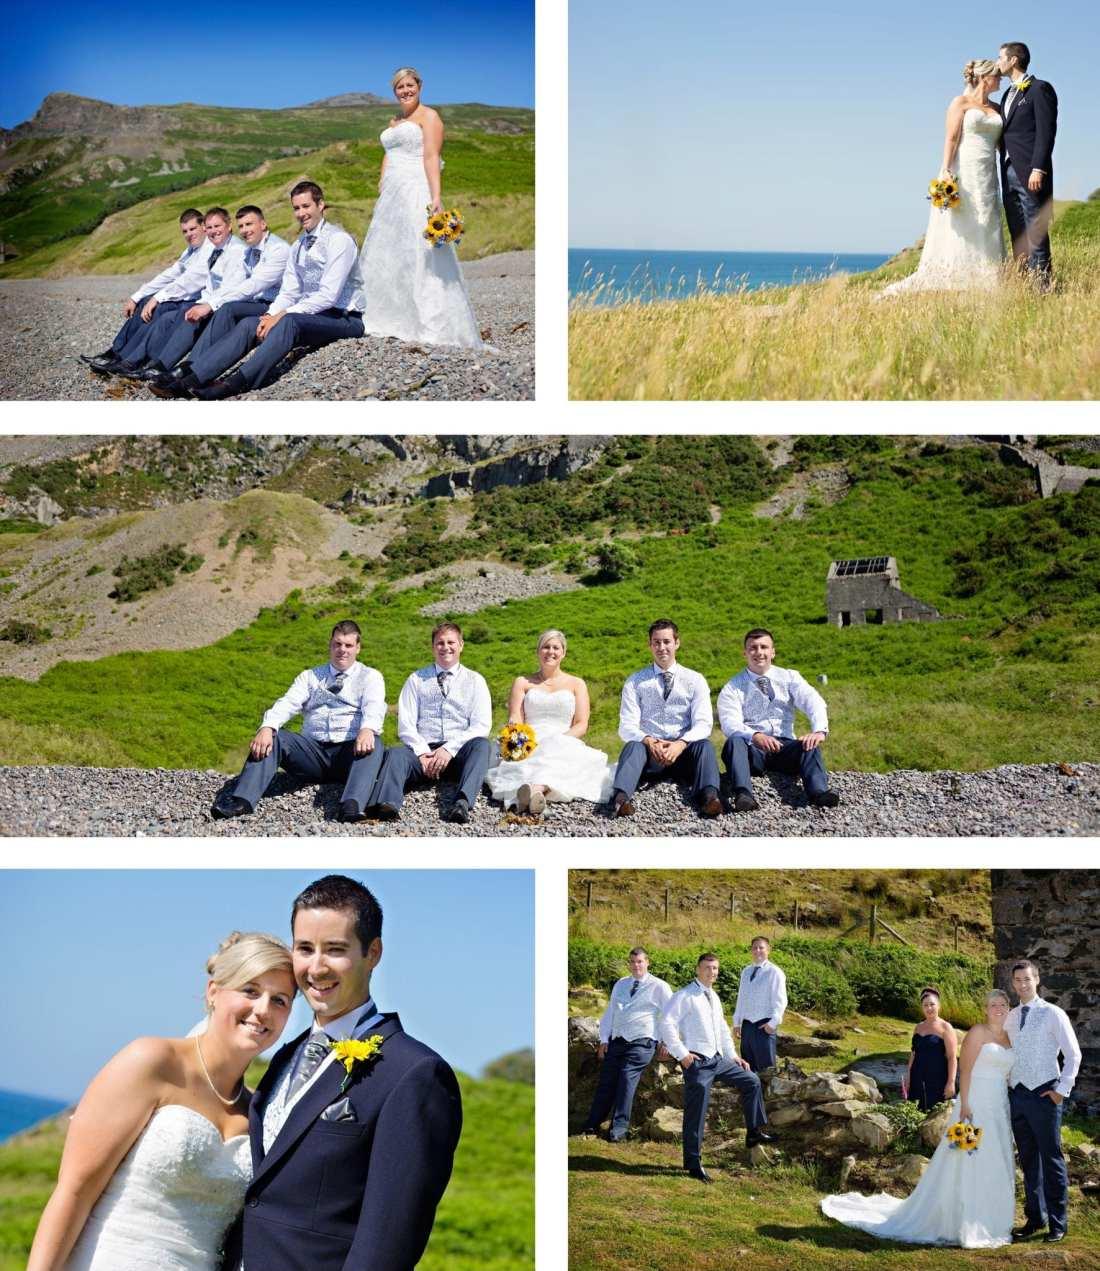 North Wales wedding - wedding party on beach